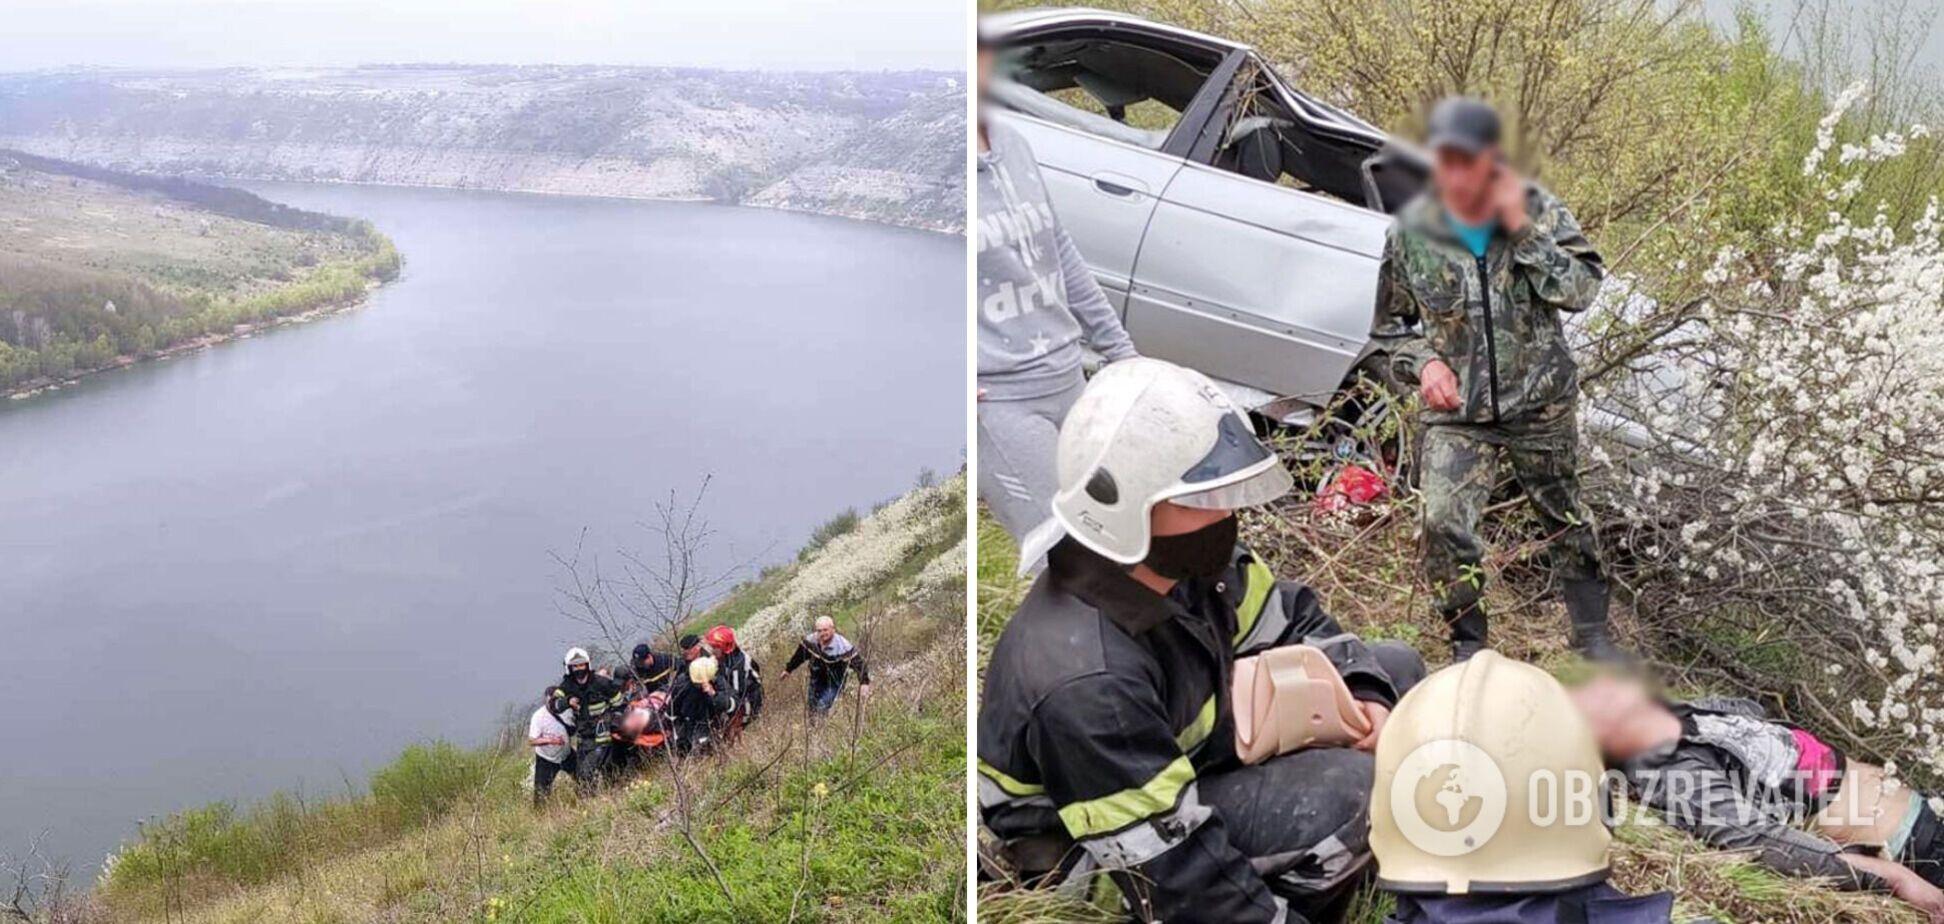 На Хмельнитчине водитель на авто вылетел со скалы. Фото спасательной операции